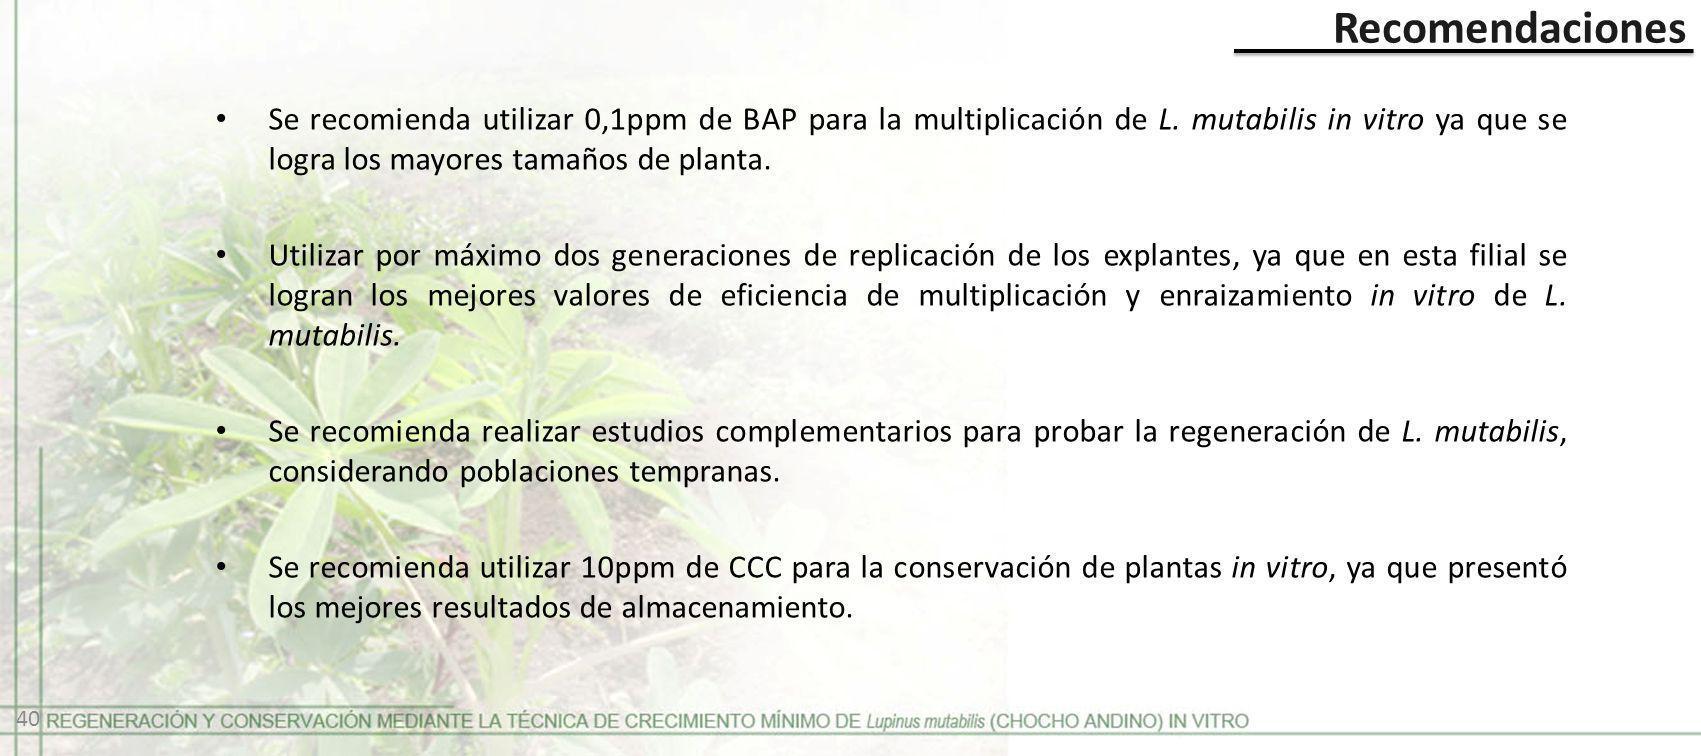 Se recomienda utilizar 0,1ppm de BAP para la multiplicación de L. mutabilis in vitro ya que se logra los mayores tamaños de planta. Utilizar por máxim